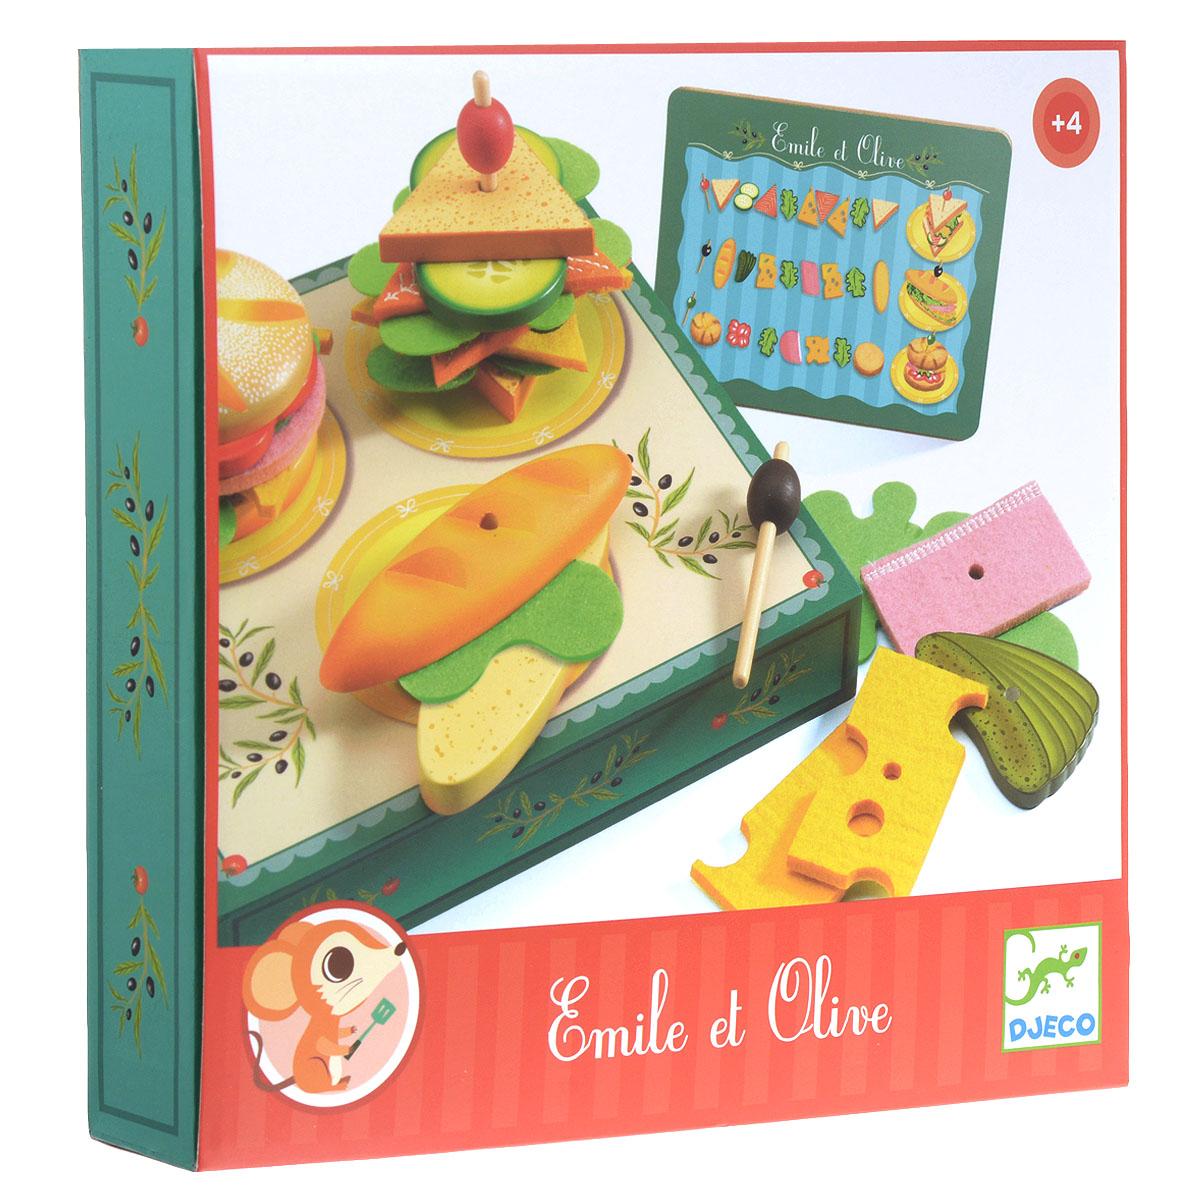 Djeco Игровой набор Сэндвичи от Эмиля и Олив06620Игровой набор Djeco Сэндвичи от Эмиля и Олив - замечательный набор для сюжетно-ролевой игры. В нем ваш ребенок найдет все самое необходимое для того, чтобы приготовить и накормить свои любимые игрушки вкусными бутербродами. Рецепт прост - два кусочка булки, сыр, салат и то, что нравится каждому в особенности. Набор включает коробочку с изображением поваров за рабочим столом на одной стороне и рабочей поверхностью для приготовления бутербродов на другой, 3 двойных основы для бутербродов в виде булочек, 3 двусторонних деревянных элемента и текстильные элементы в виде различных начинок, 3 шпажки для канапе и карточку с примерами сочетания основ с начинками. Элементы набора выполнены из высококачественного дерева. Ваш ребенок будет в восторге от такого подарка!